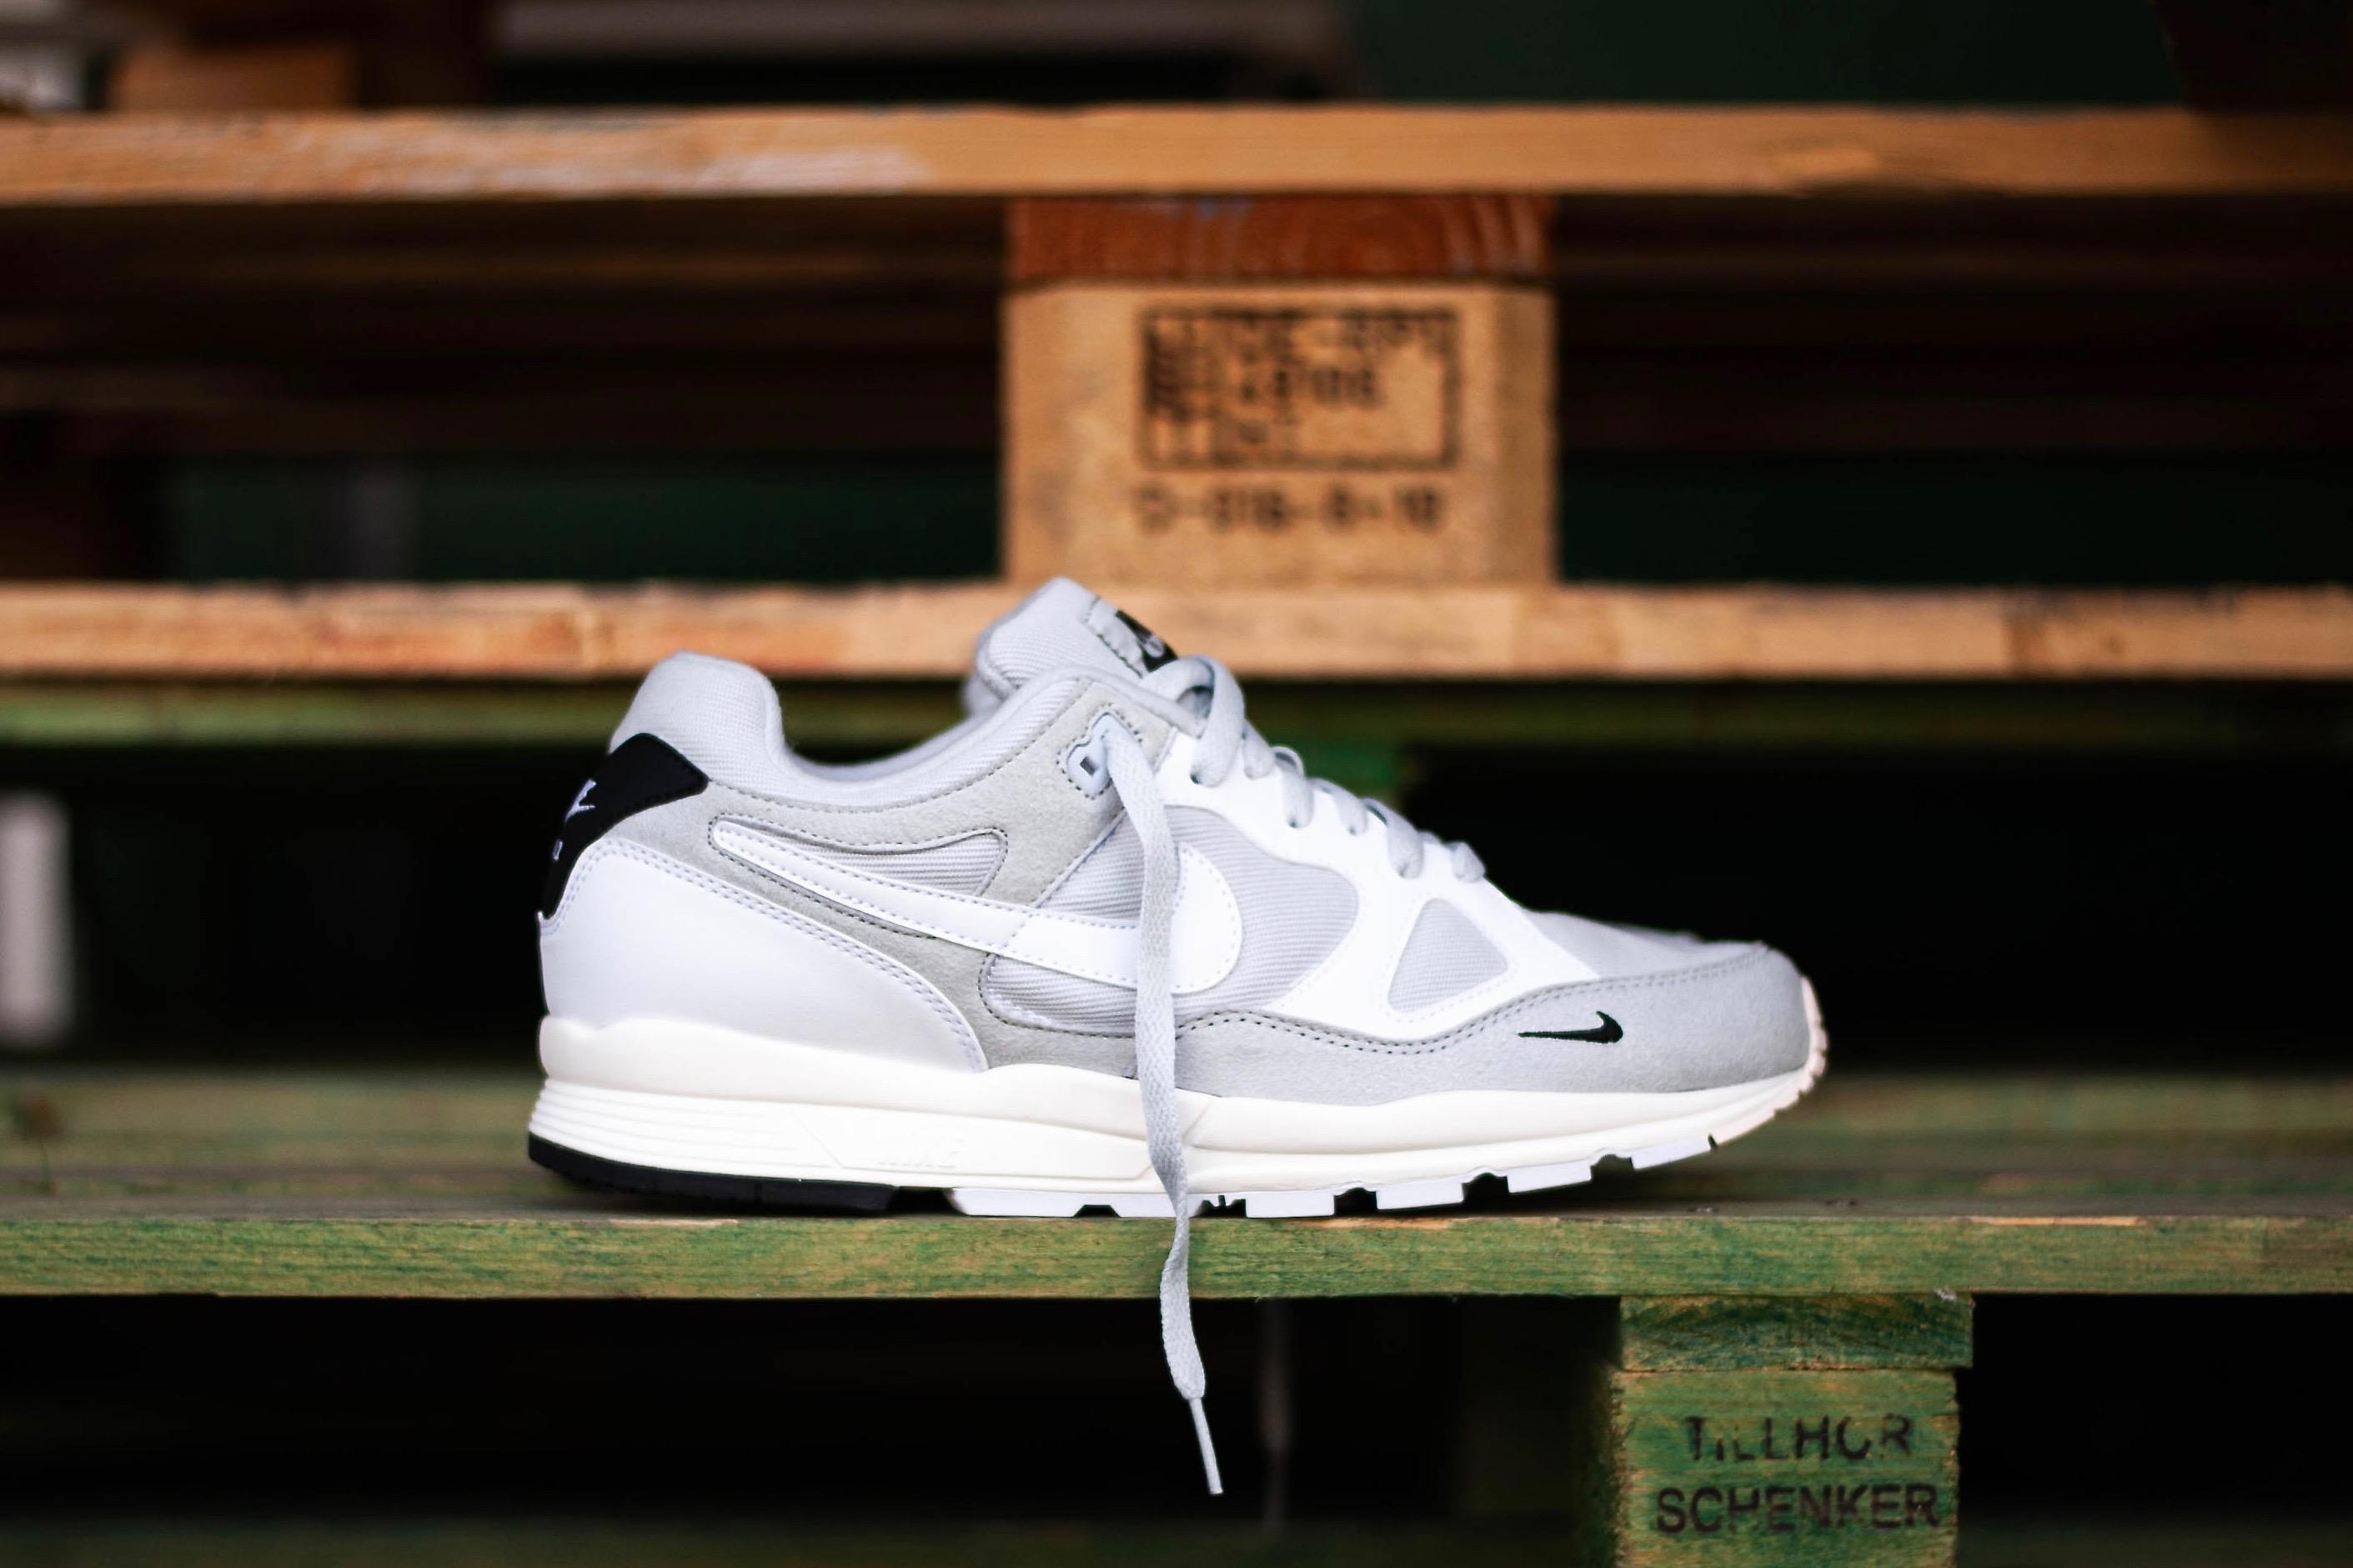 9fc93a251c370 Nike Air Span II SE – Pure Platinum / Black / Sail / White – STASP